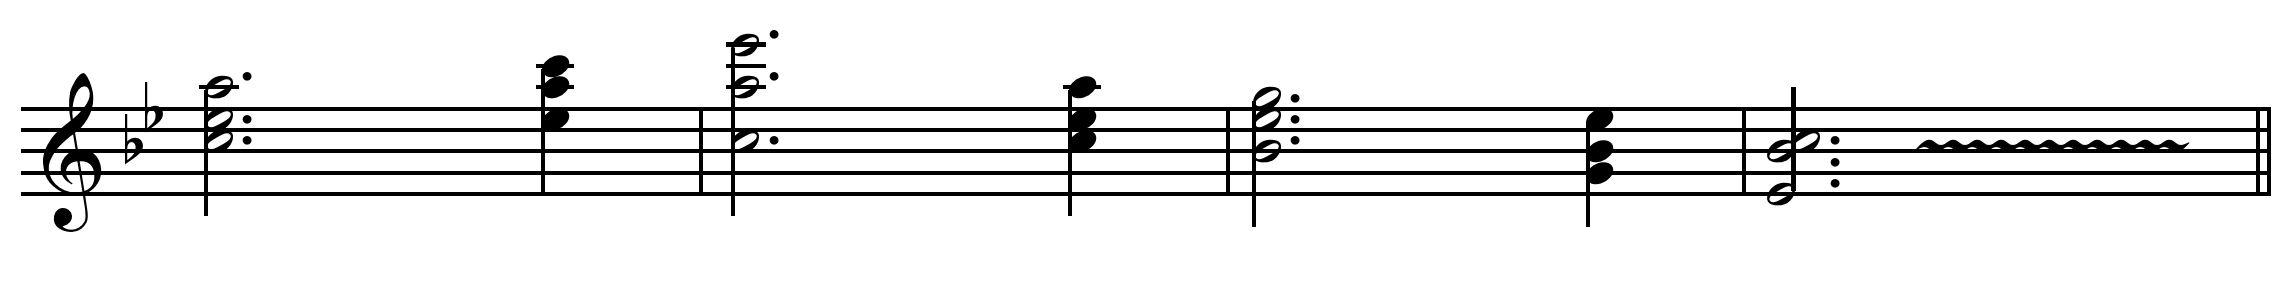 nokia ringtone piano notes